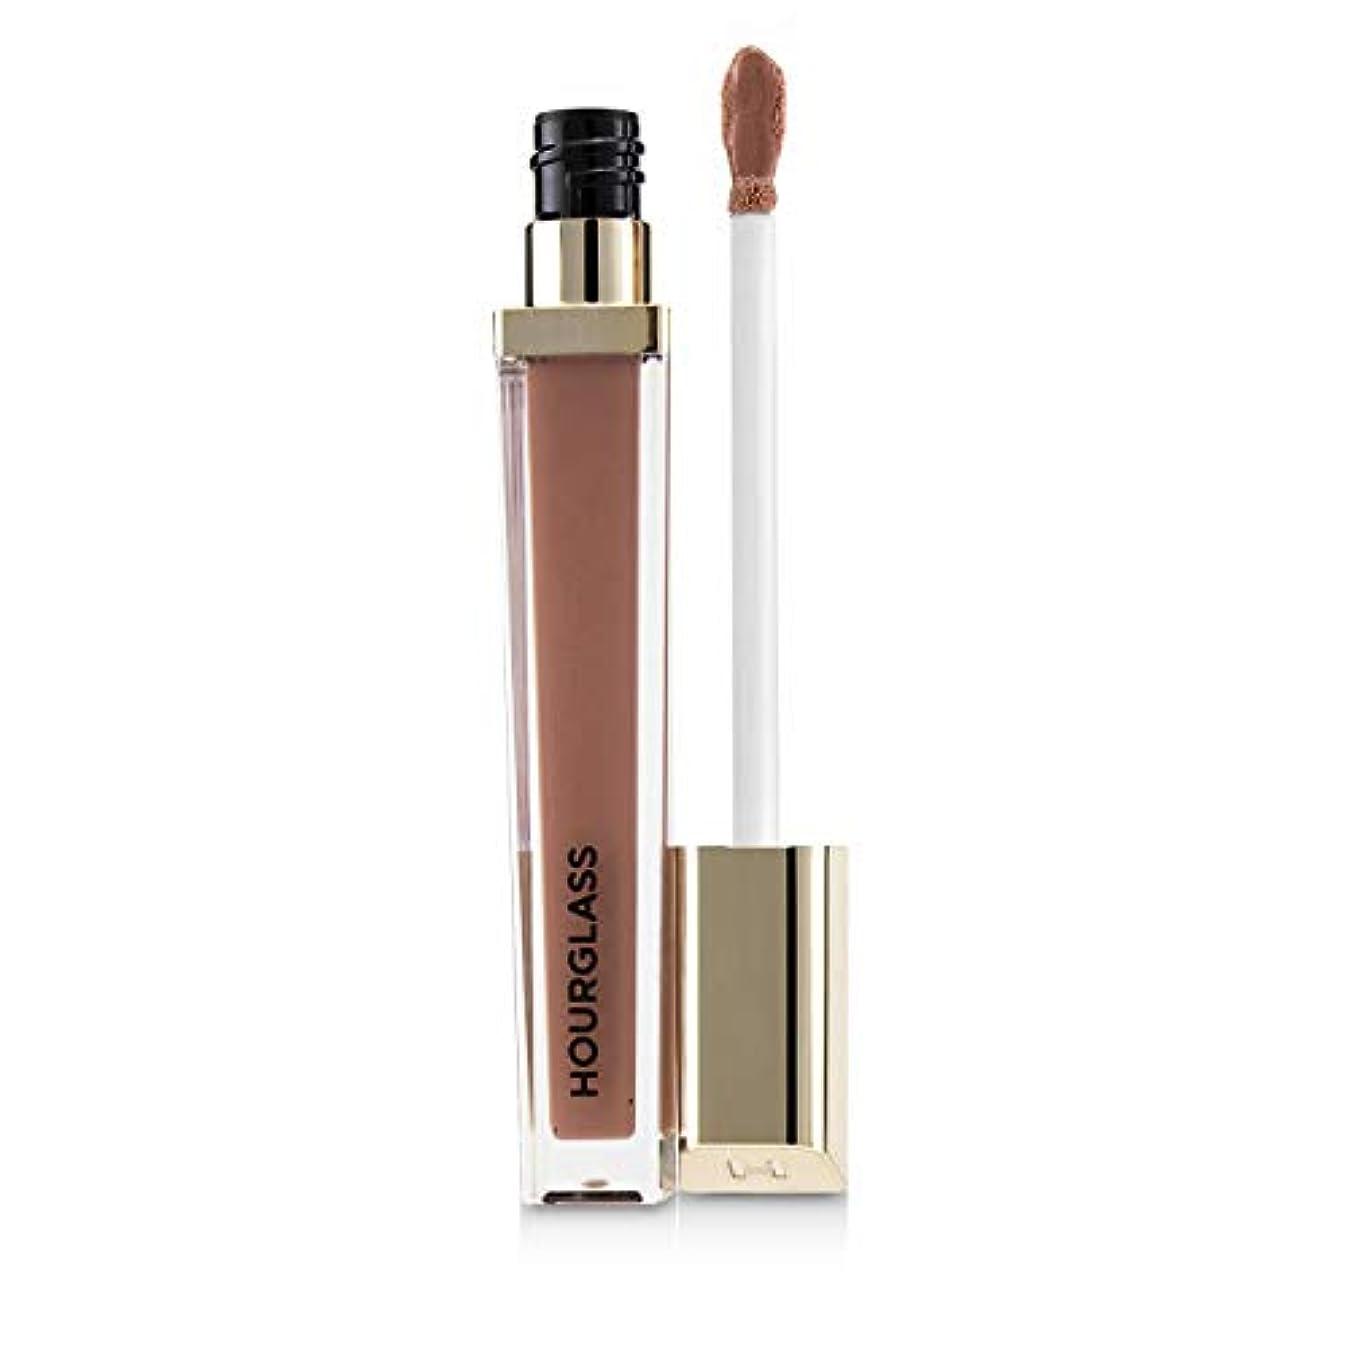 禁止する成功改革アワーグラス Unreal High Shine Volumizing Lip Gloss - # Sublime (Pink Nude) 5.6g/0.2oz並行輸入品